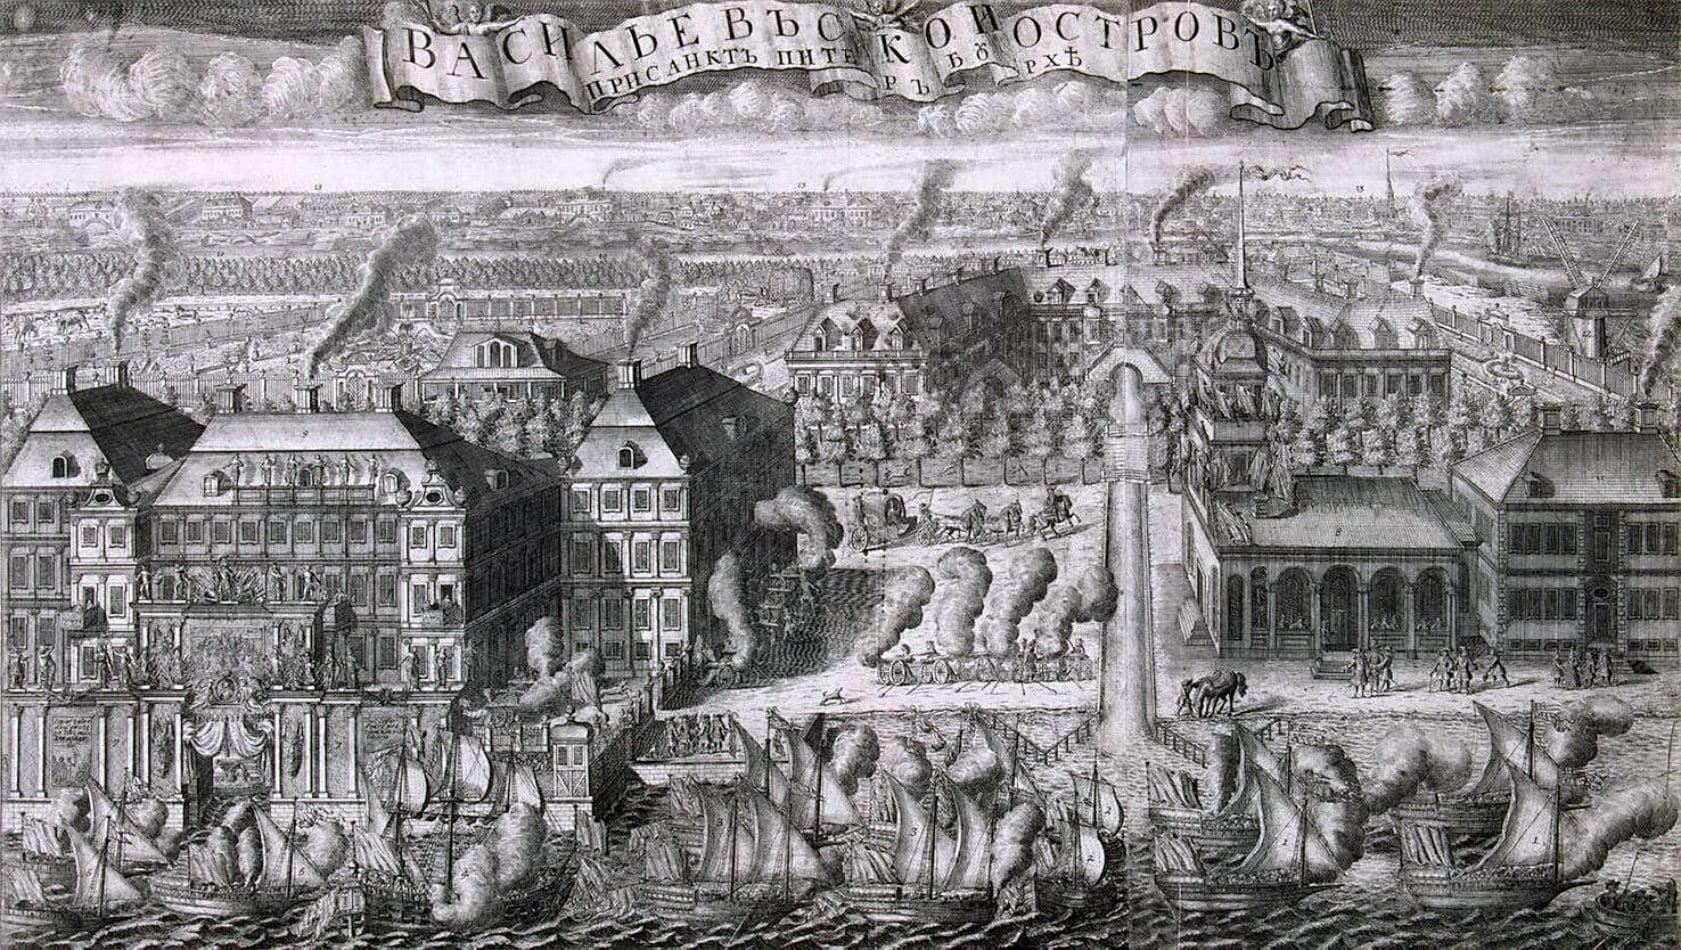 af-zubov-triumfalnyj-vvod-shvedskih-sudov-v-sankt-peterburg-9-sentyarya-1714-goda-posle-pobedy-pri-gangute-ofort